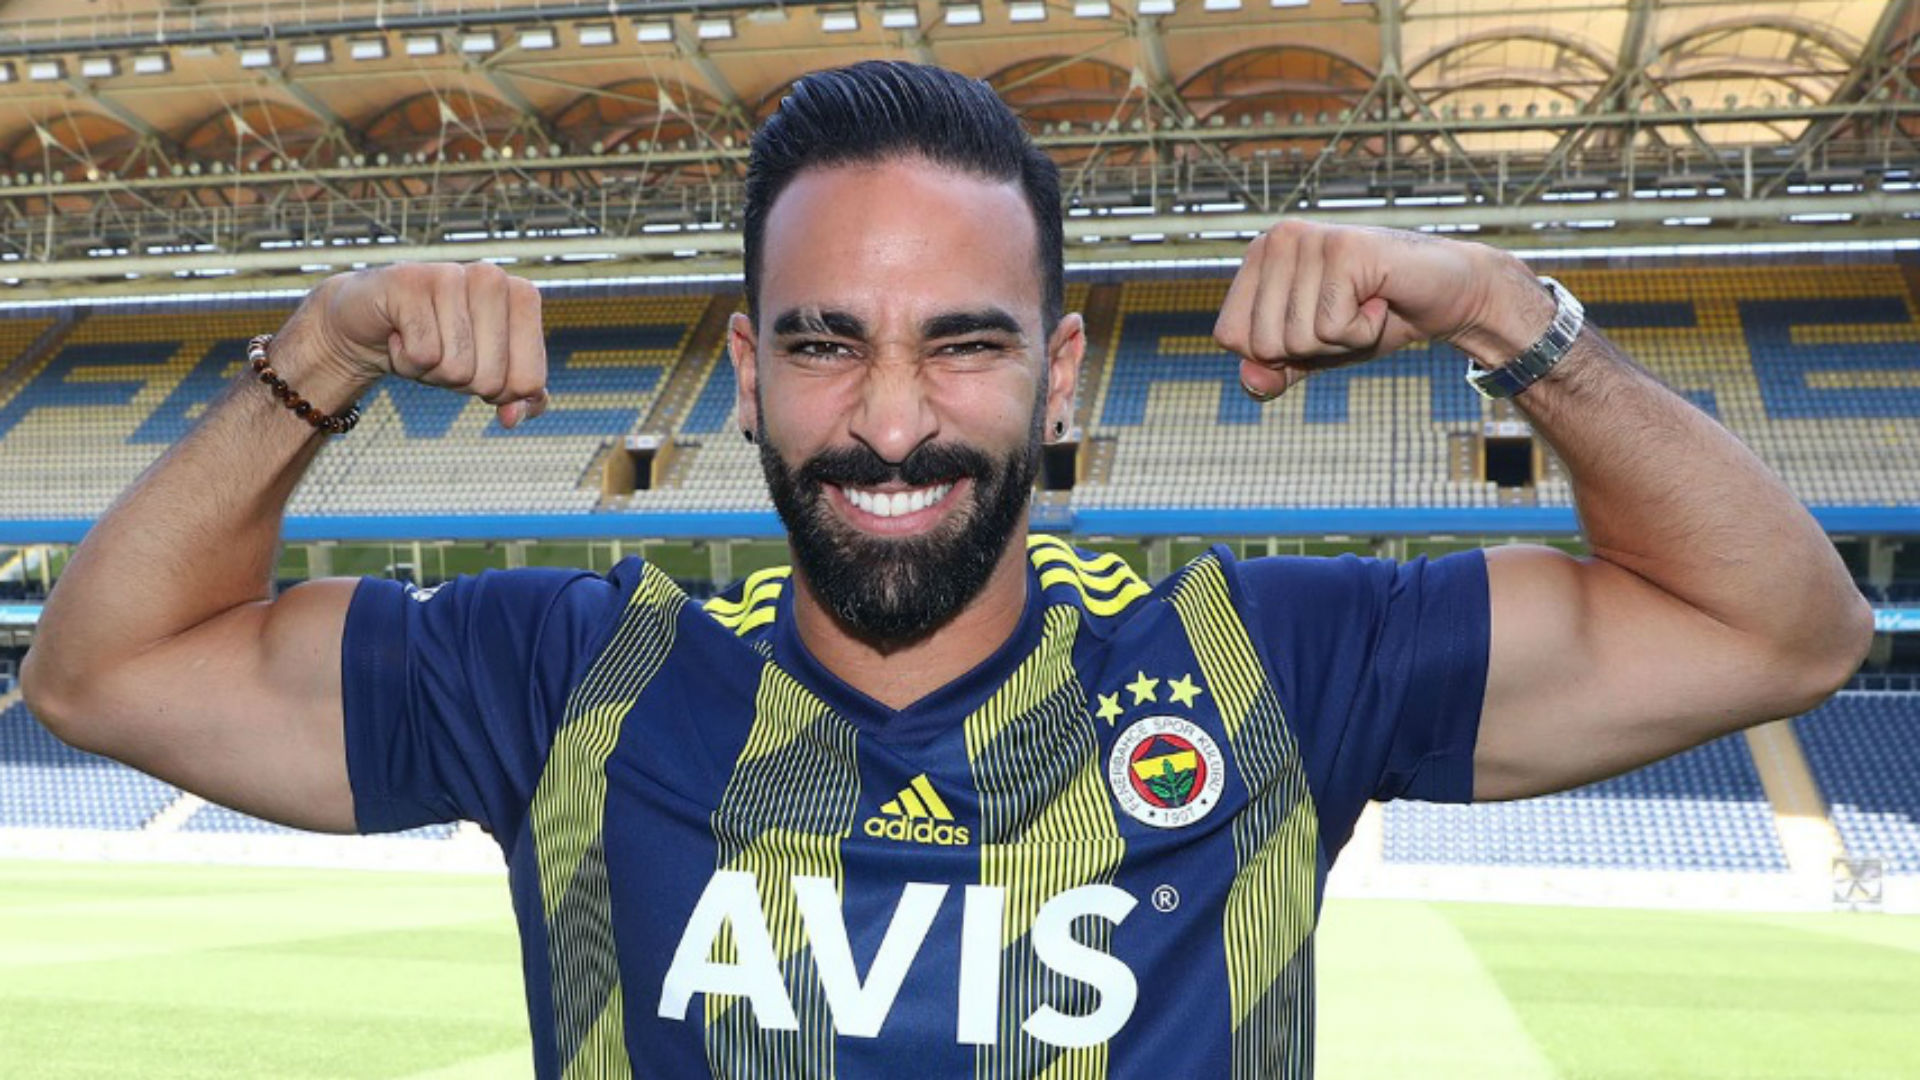 Officiel - Mercato : Adil Rami à Fenerbahçe après son départ de l'OM